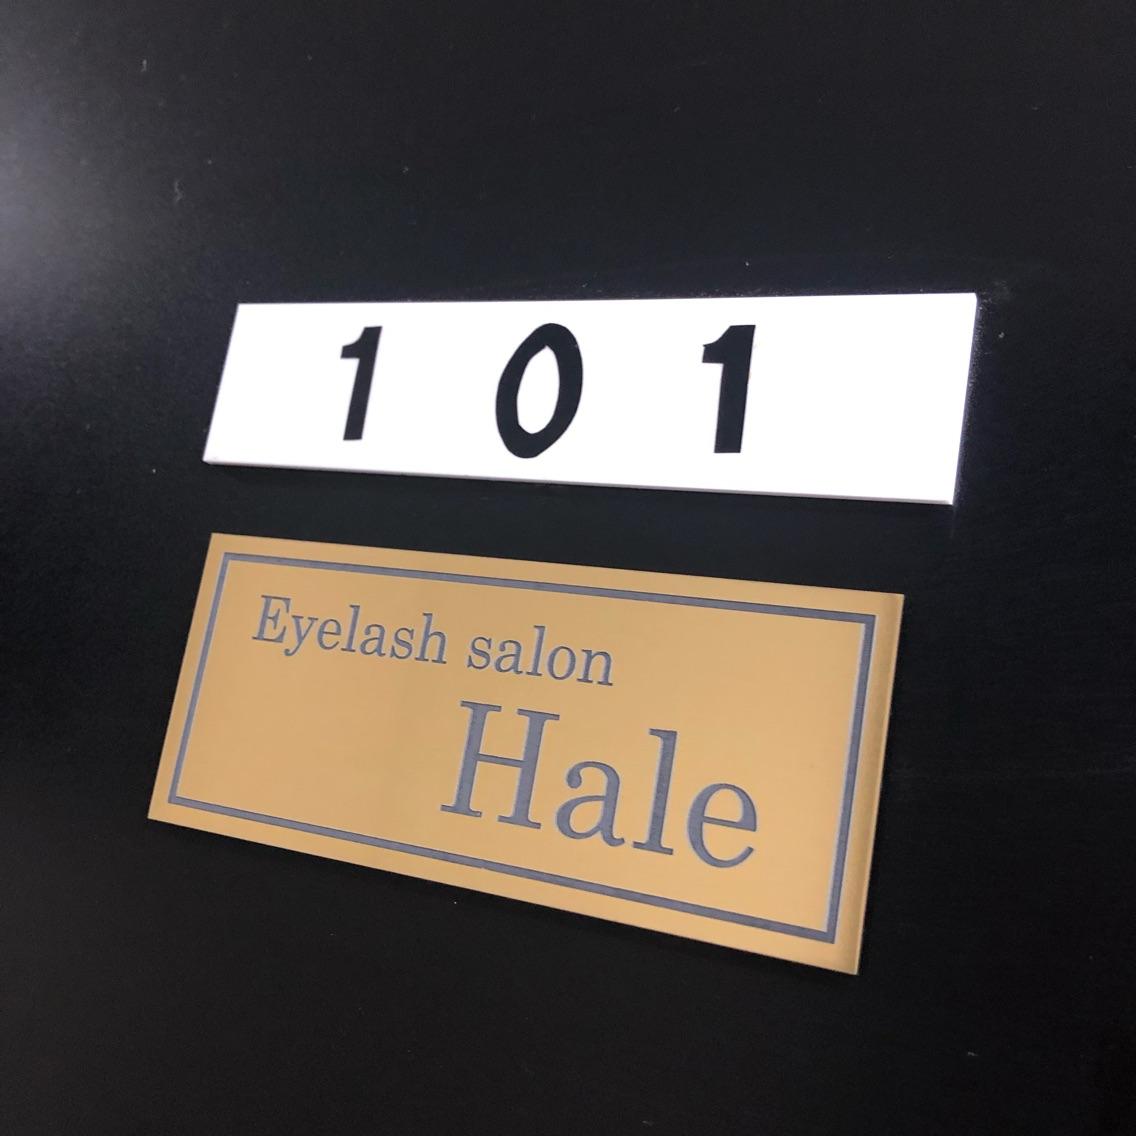 Eyelashsalon Hale.